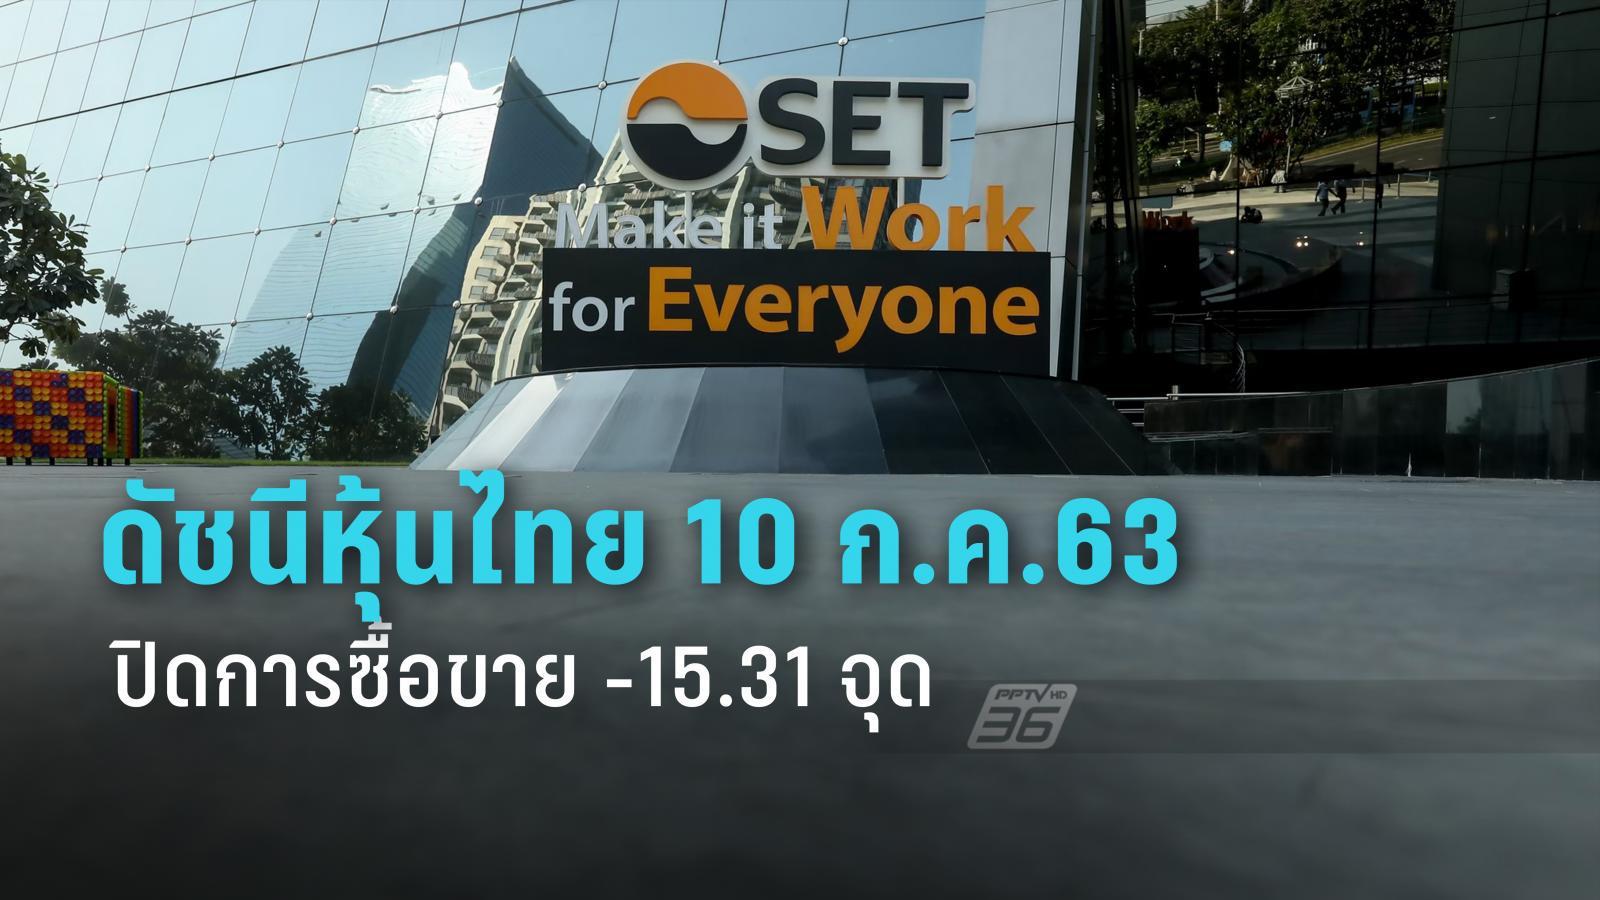 ดัชนีหุ้นไทย  10 ก.ค.63 ปิดการซื้อขายหุ้นไทยร่วงไป  -15.31 จุด